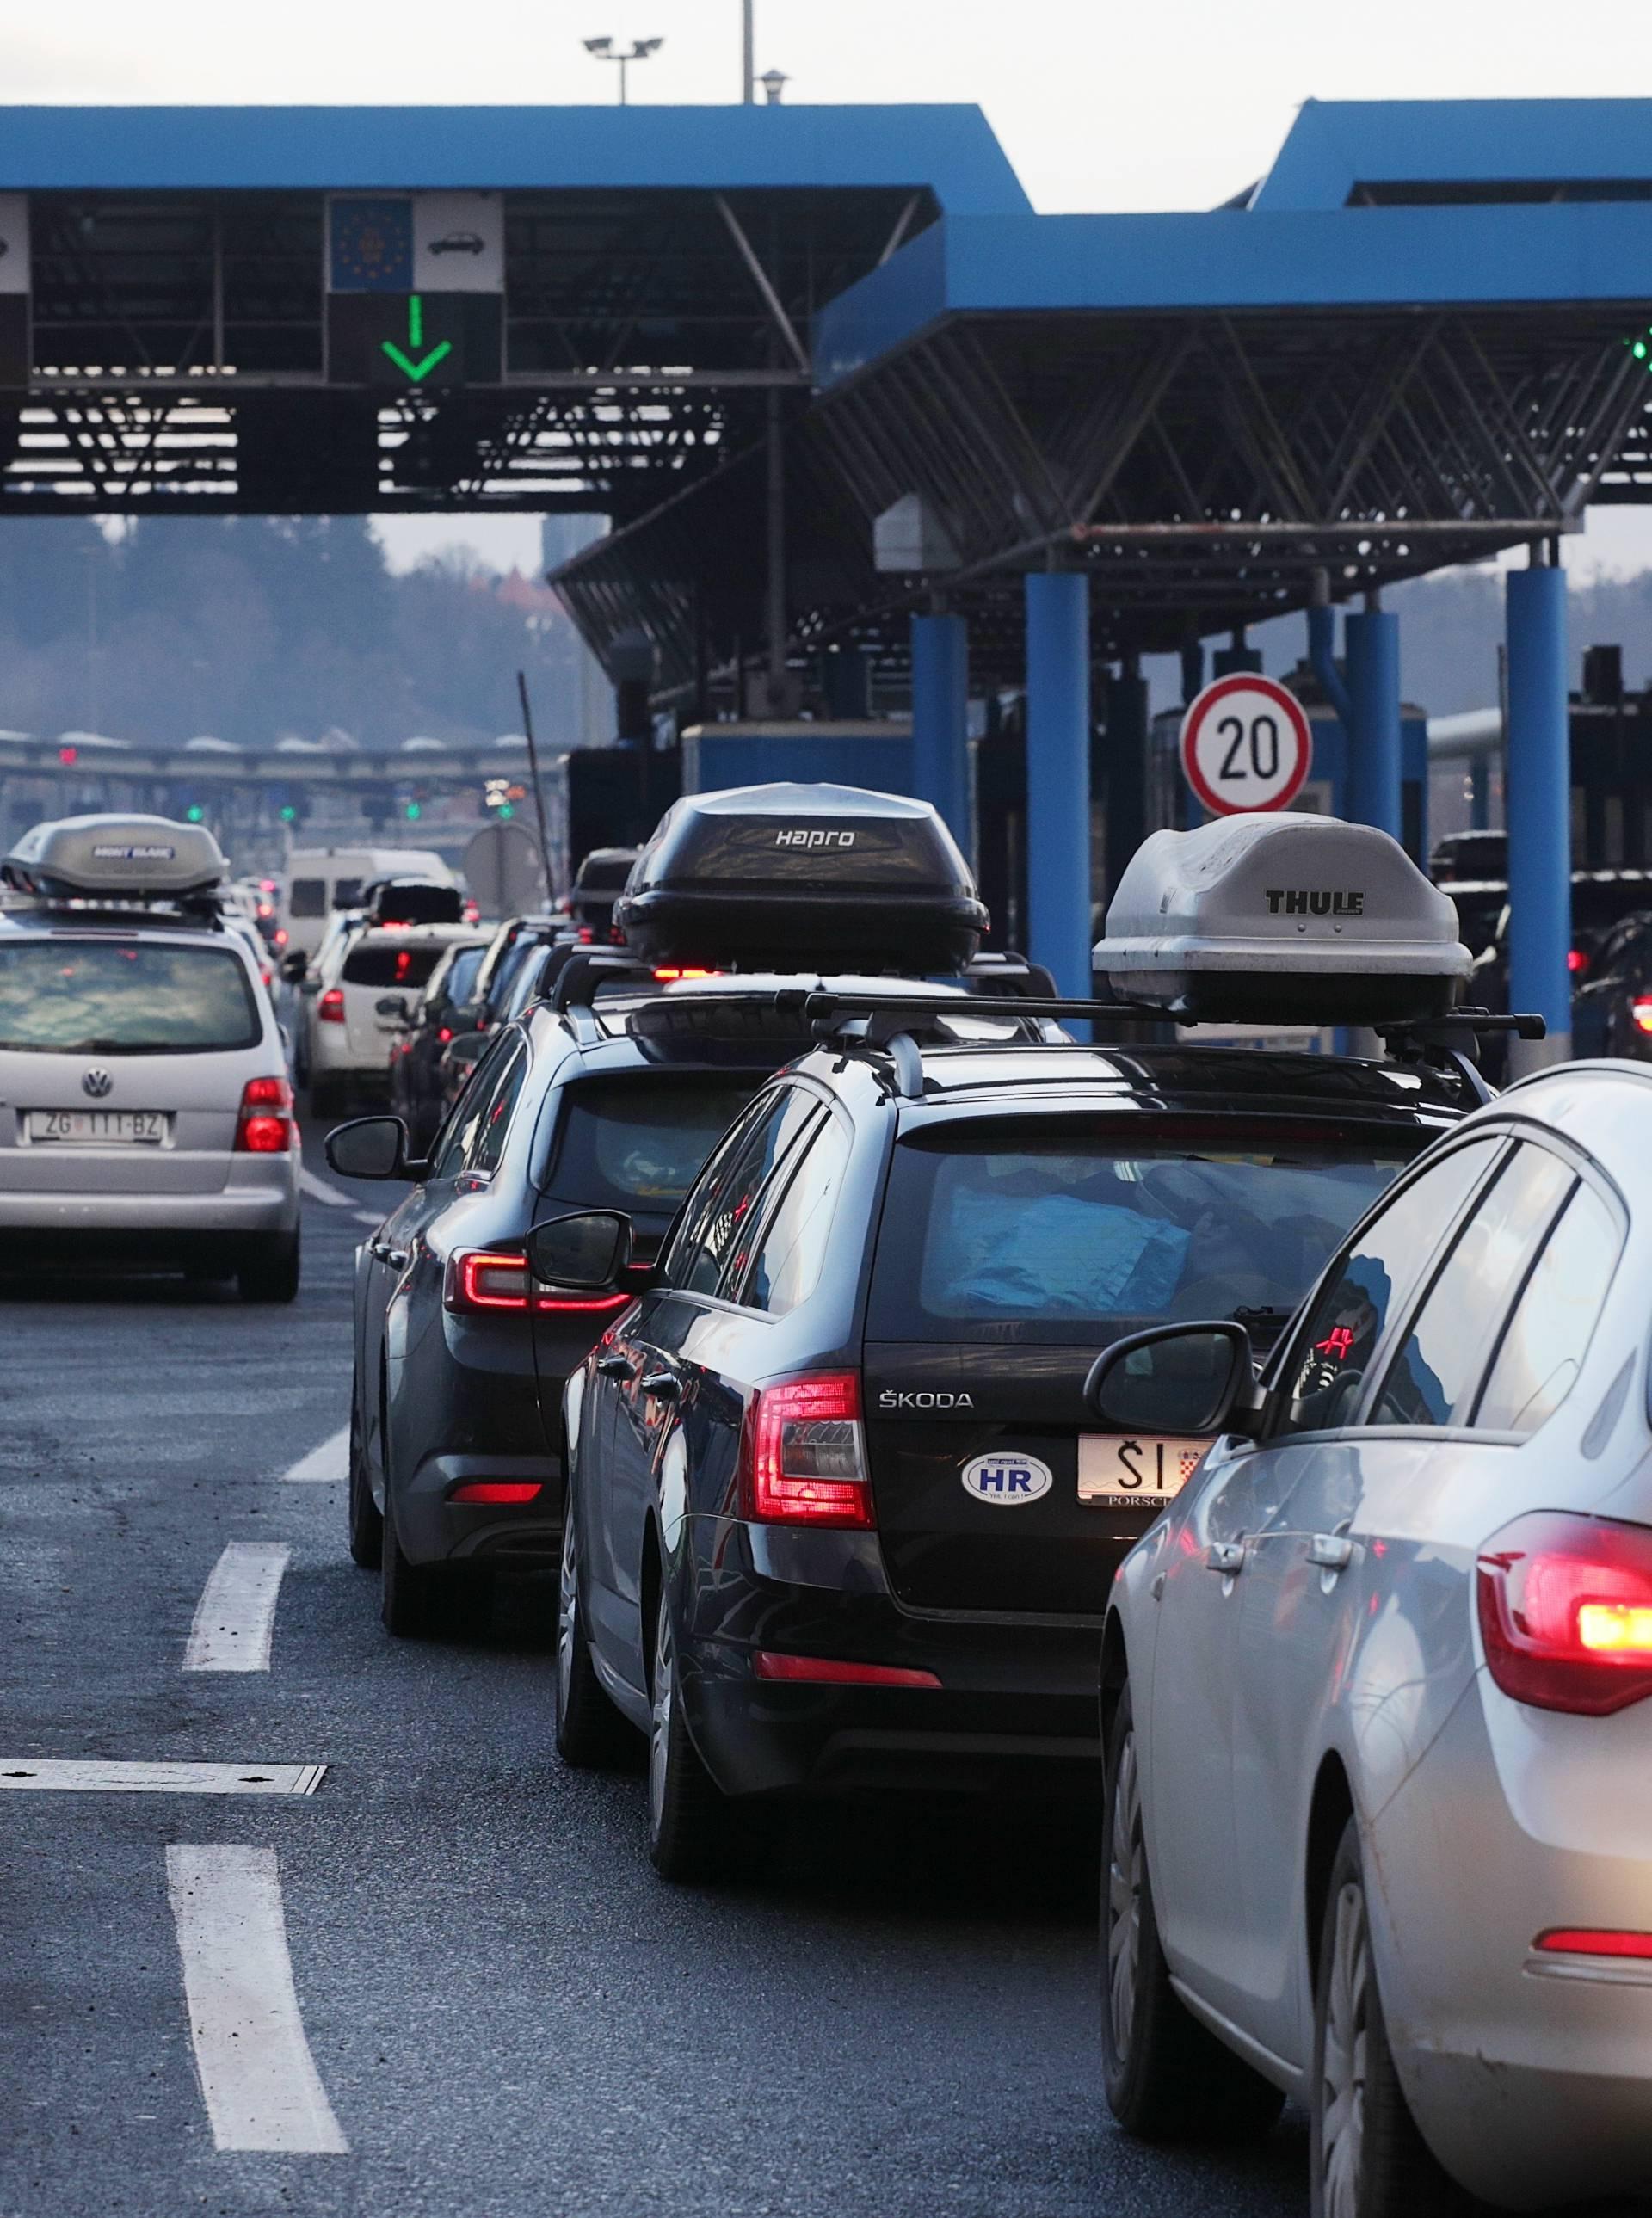 Dvoje kineza u prtljažniku ilegalno pokušali prijeći granicu